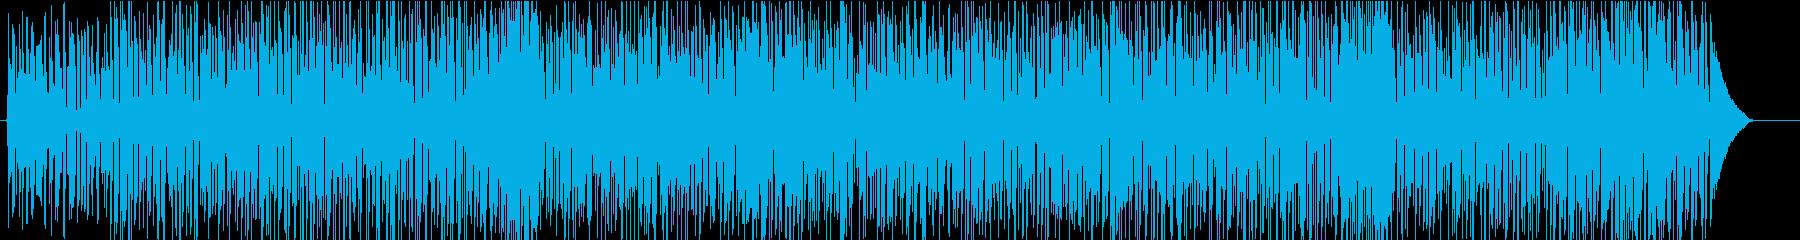 ワールド 民族 バサノバ トロピカ...の再生済みの波形